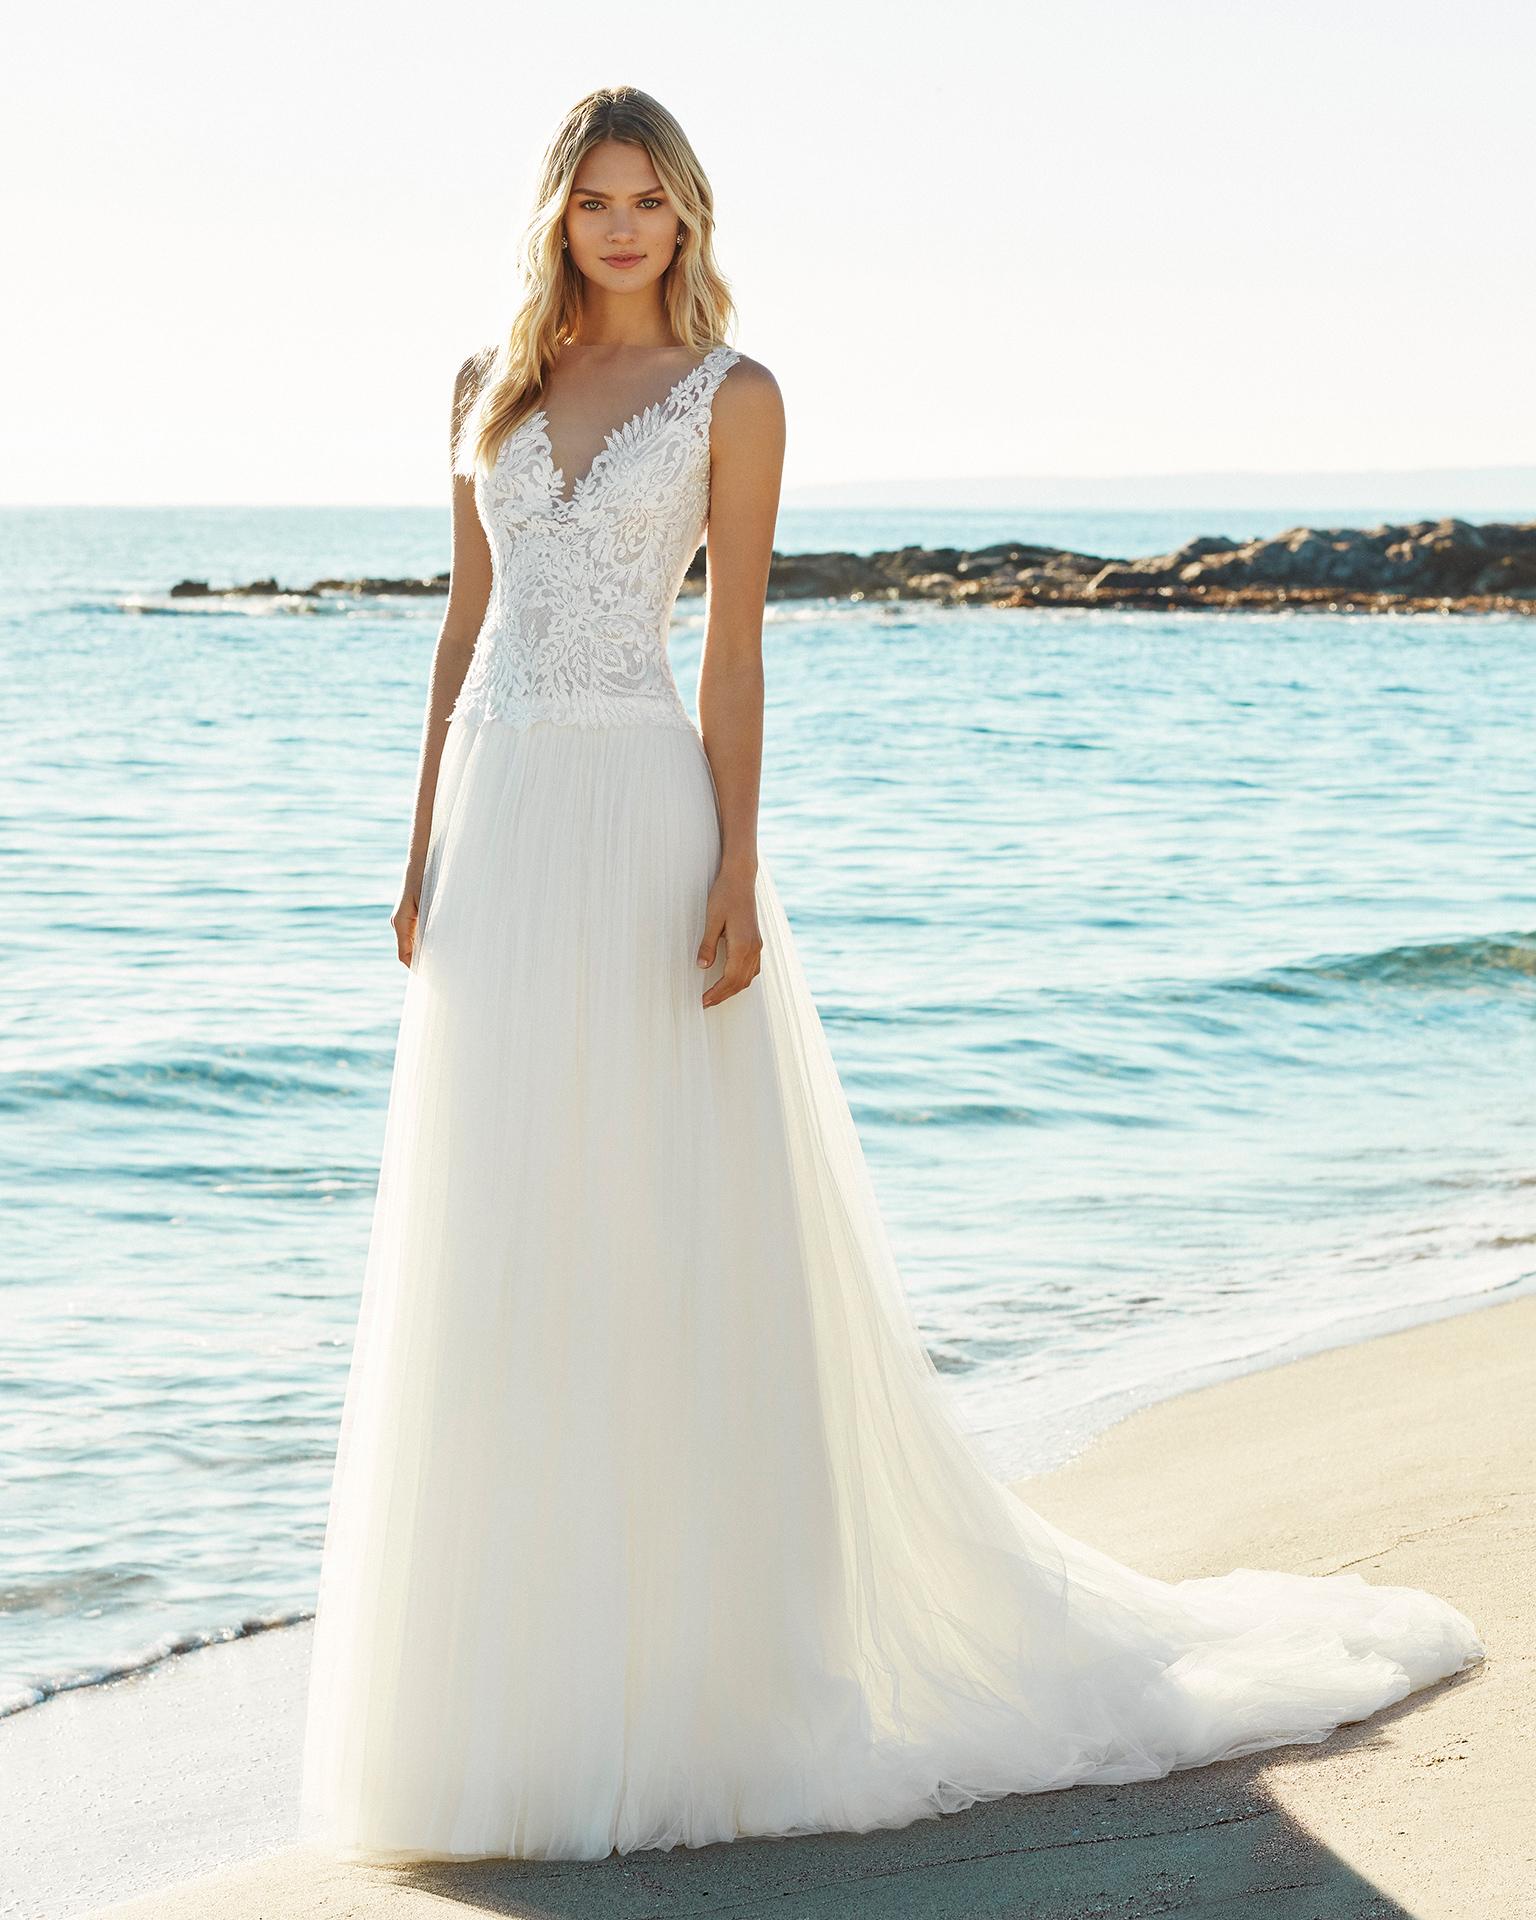 Vestido de noiva estilo linha A de tule suave e renda de brilhantes. Decote em V e costas decotadas. Disponível em cor natural. Coleção AIRE BEACH WEDDING 2019.